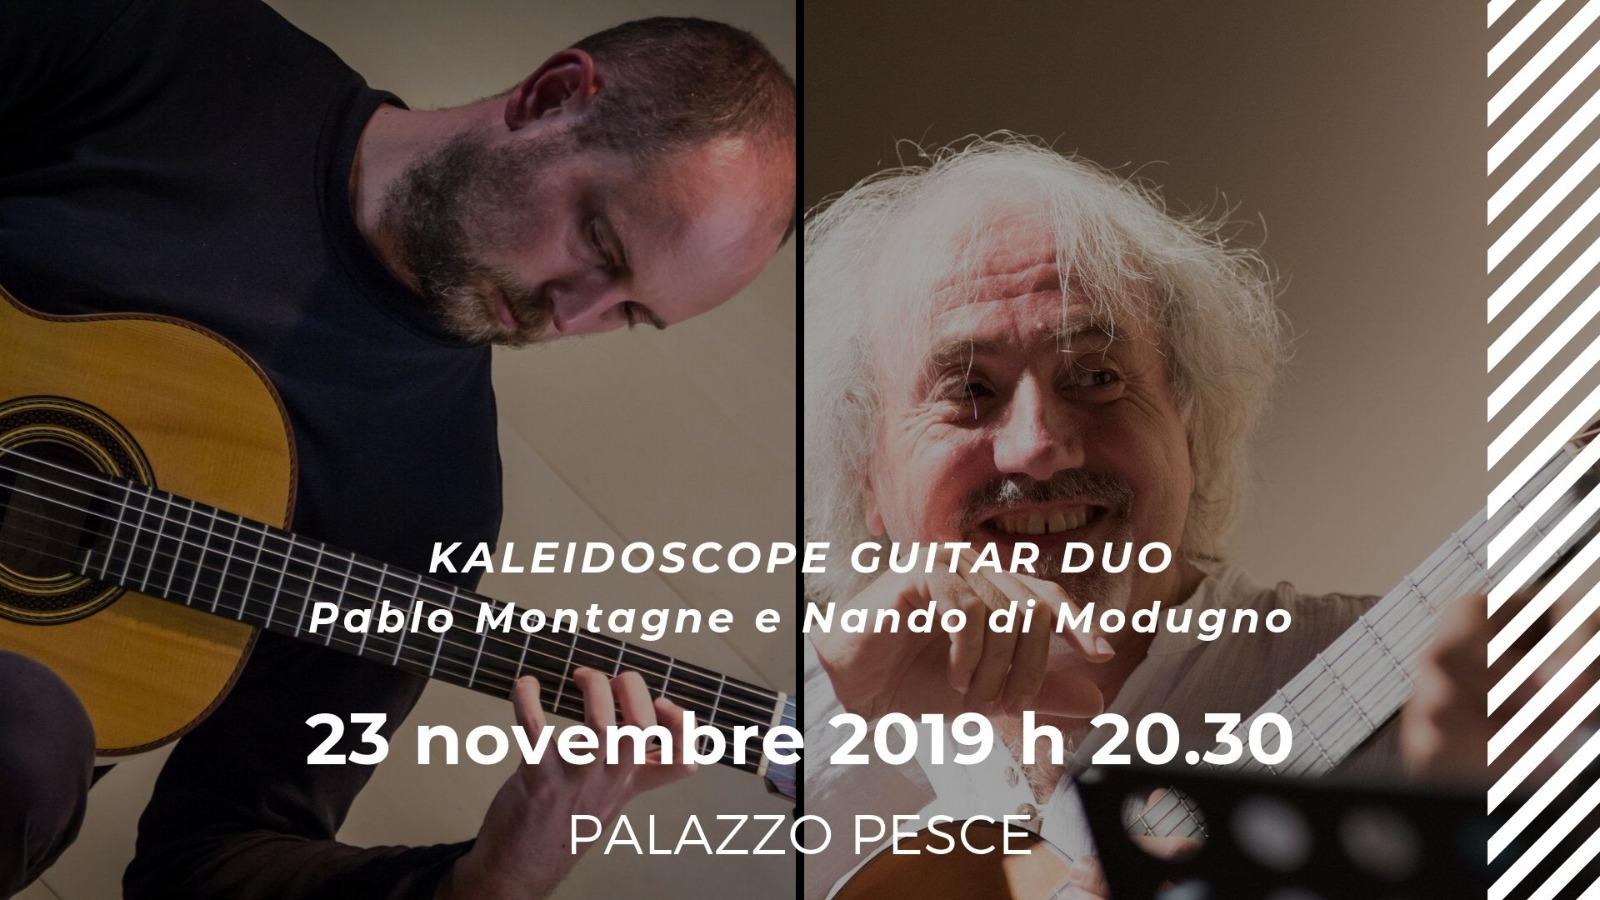 23 novembre 2019 Pablo Montagne e Nando di Modugno a Palazzo Pesce